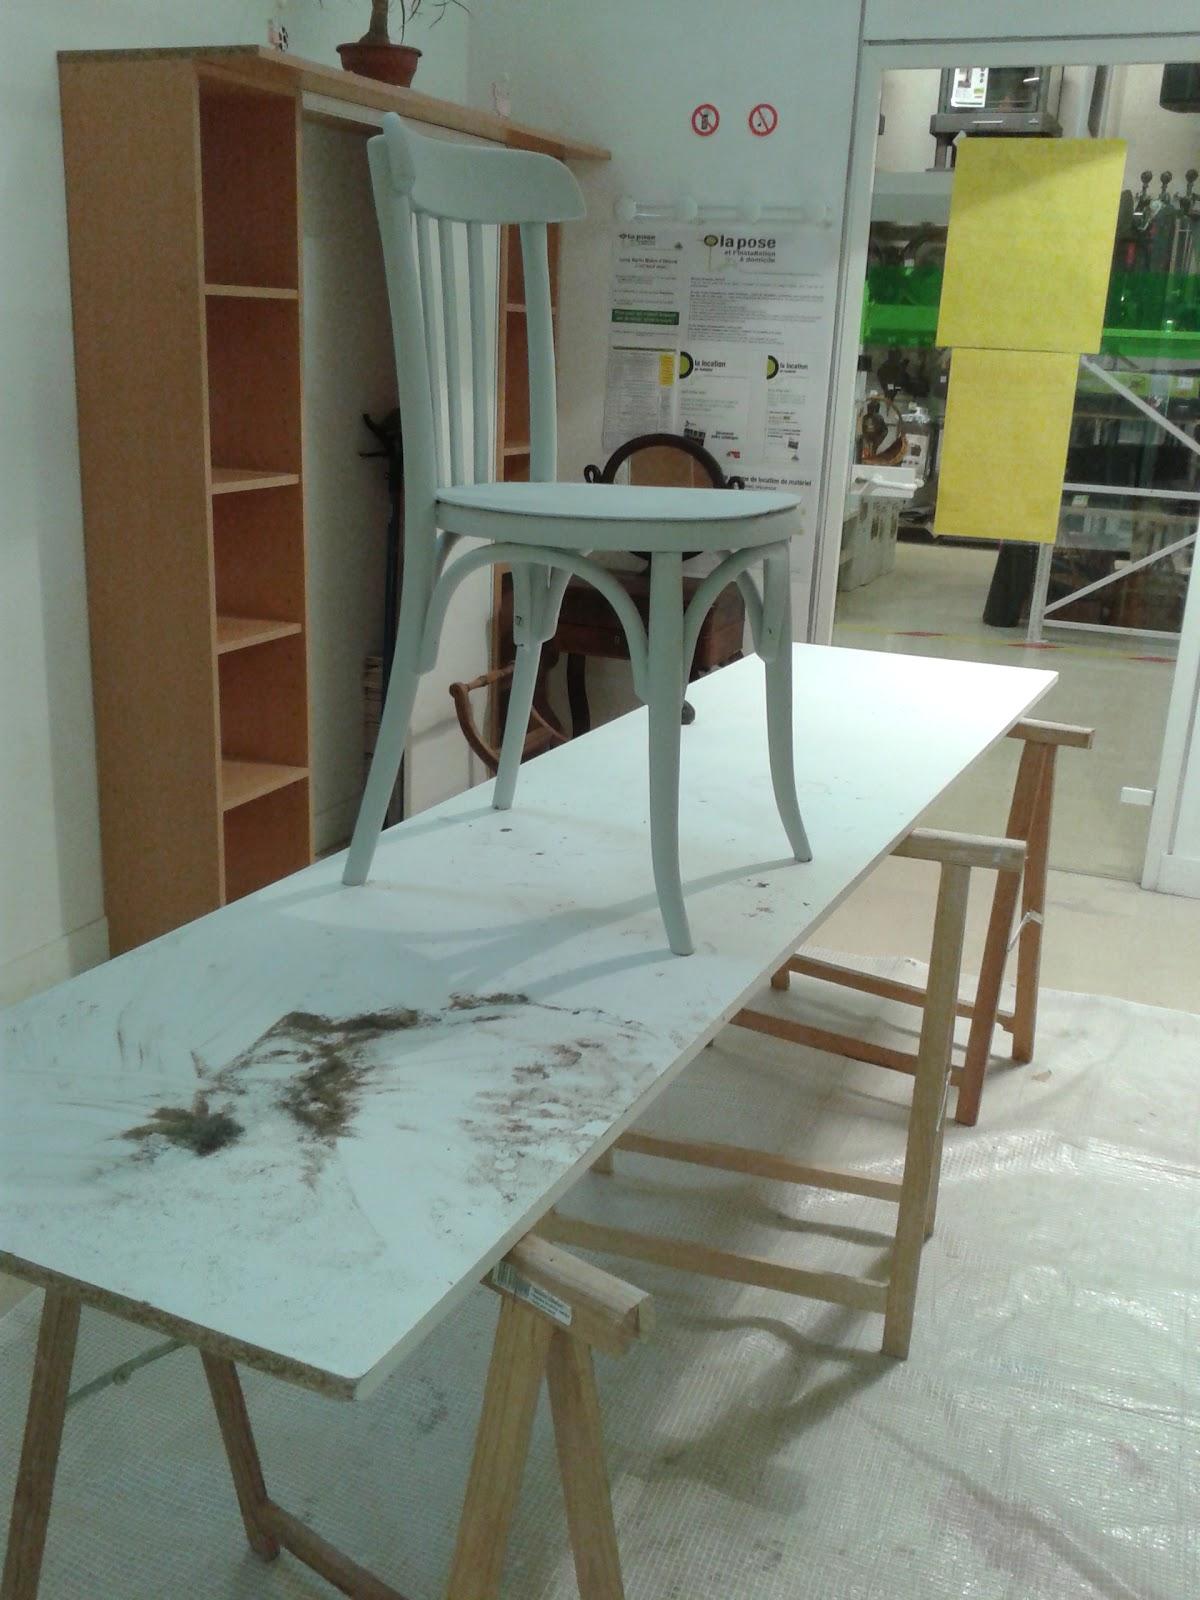 peinture sur meuble cours de bricolage leroy merlin orl ans cours de. Black Bedroom Furniture Sets. Home Design Ideas